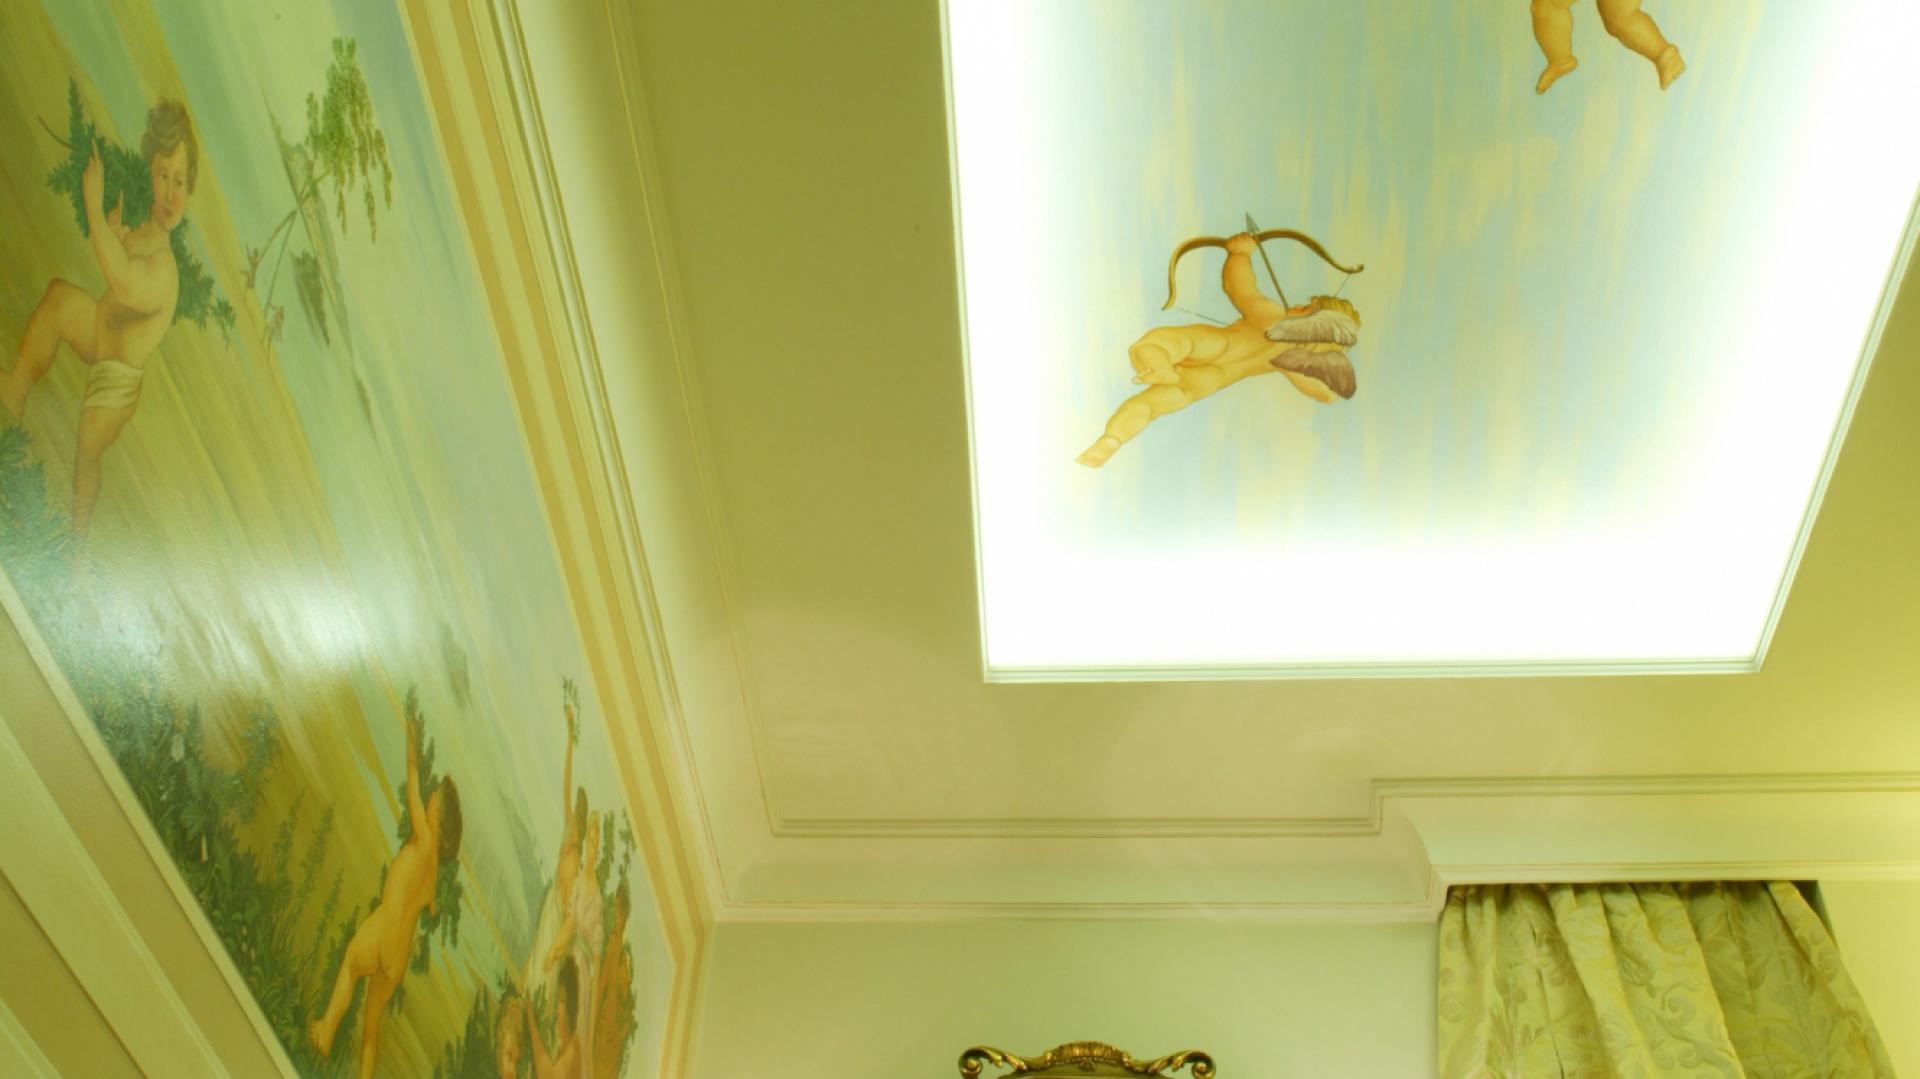 Podświetlony po obwodzie podwieszony sufit stwarza wrażenie, że amorki unoszą się w powietrzu, a pomieszczenie jest znacznie większe i z oknem na błękitne niebo.